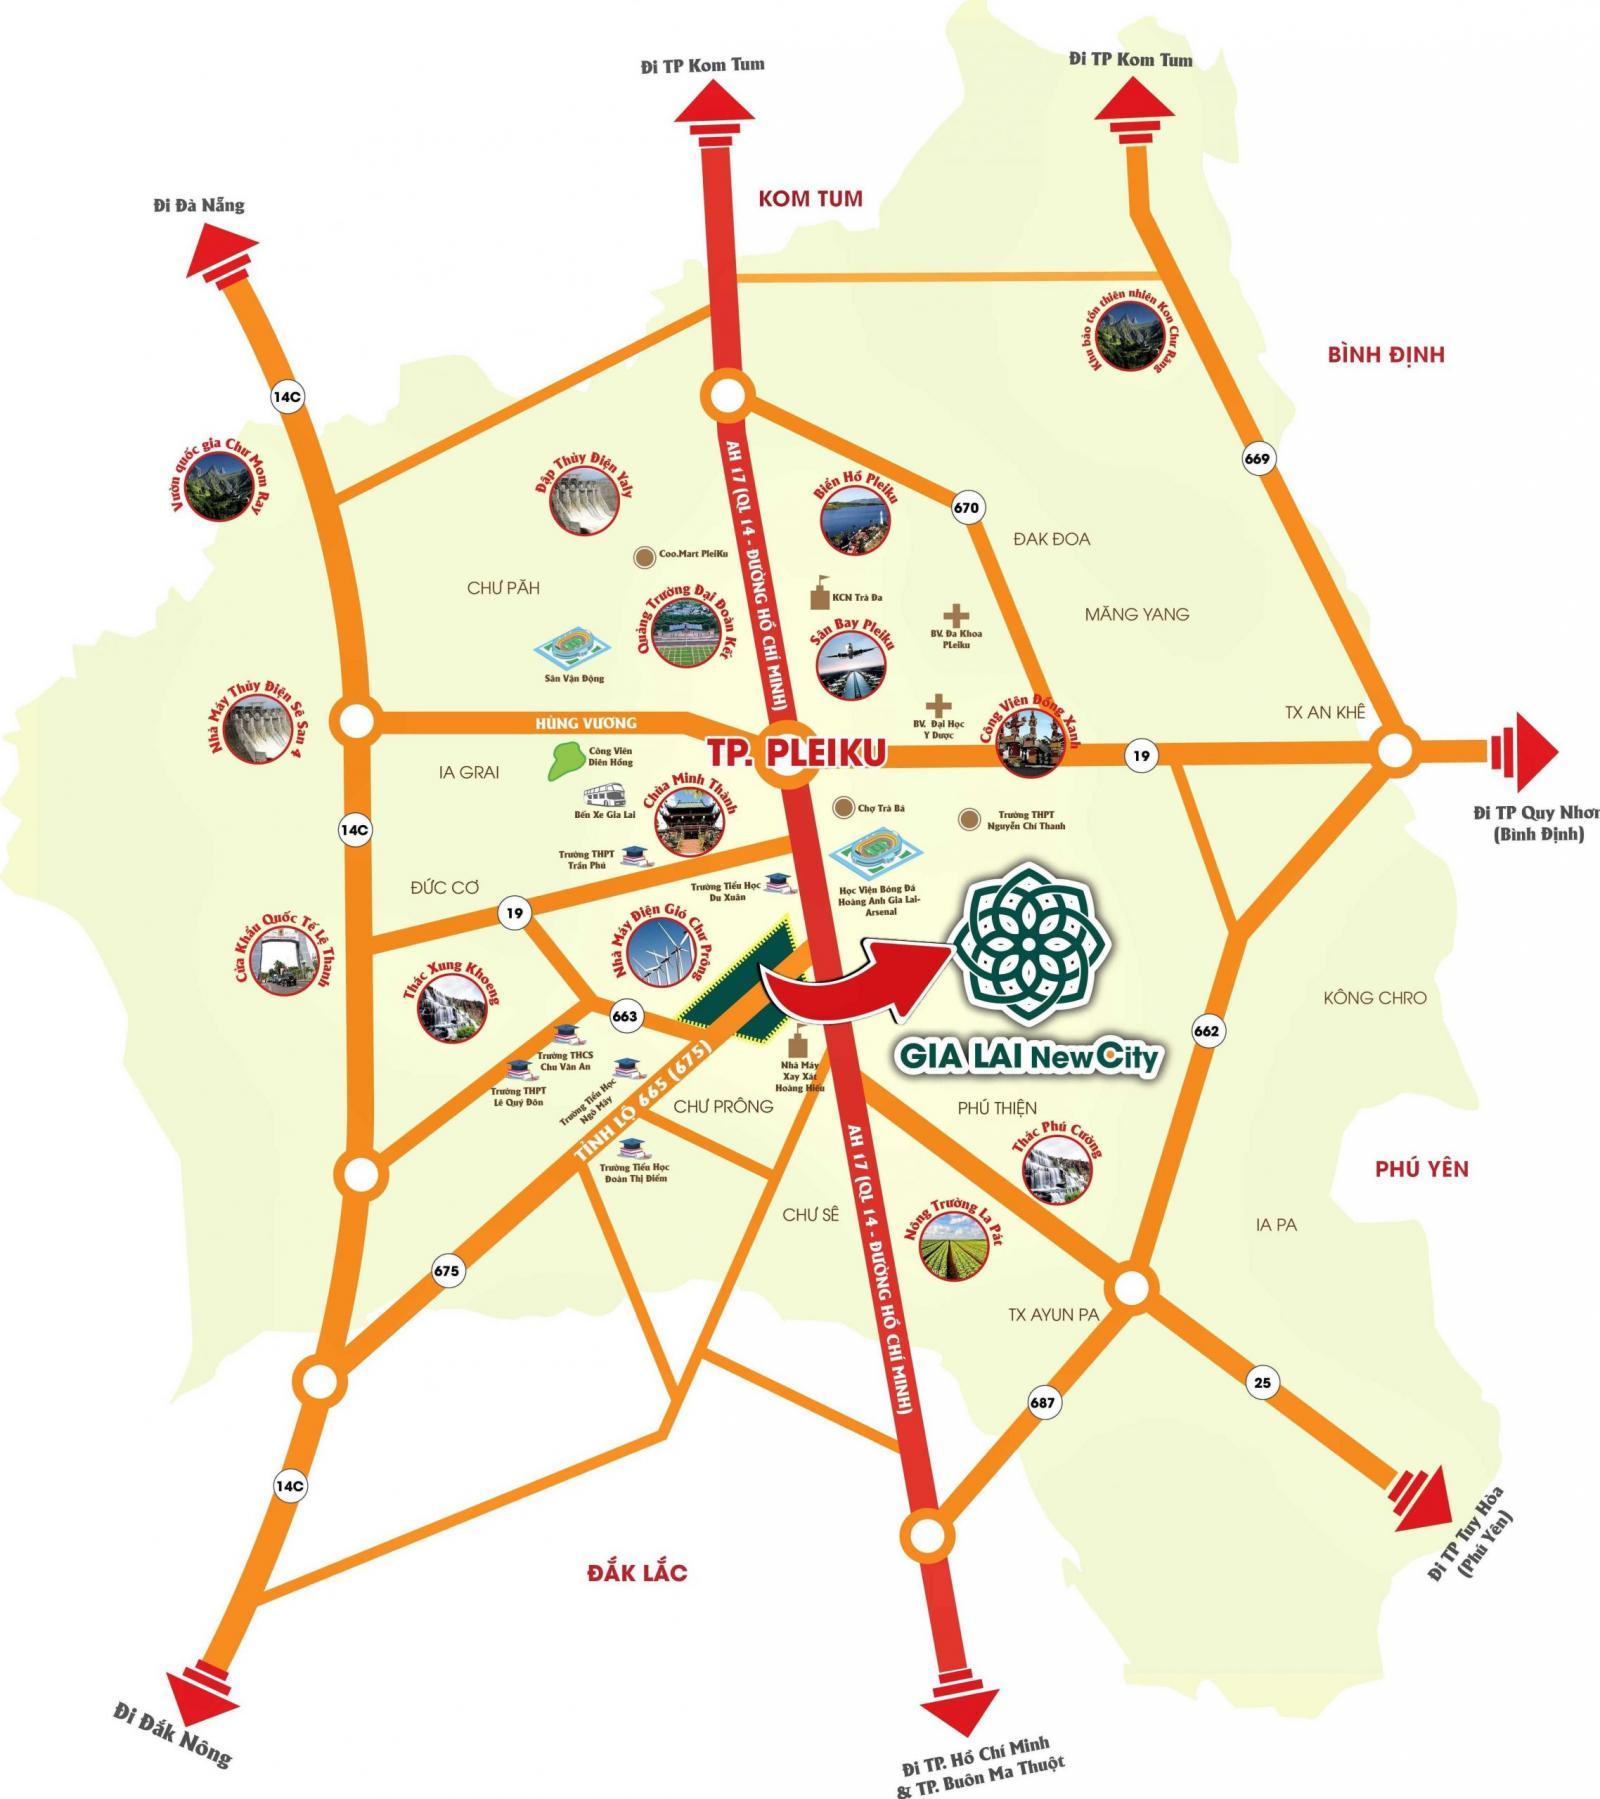 Dự án khu đô thị mới Gia Lai New City 10